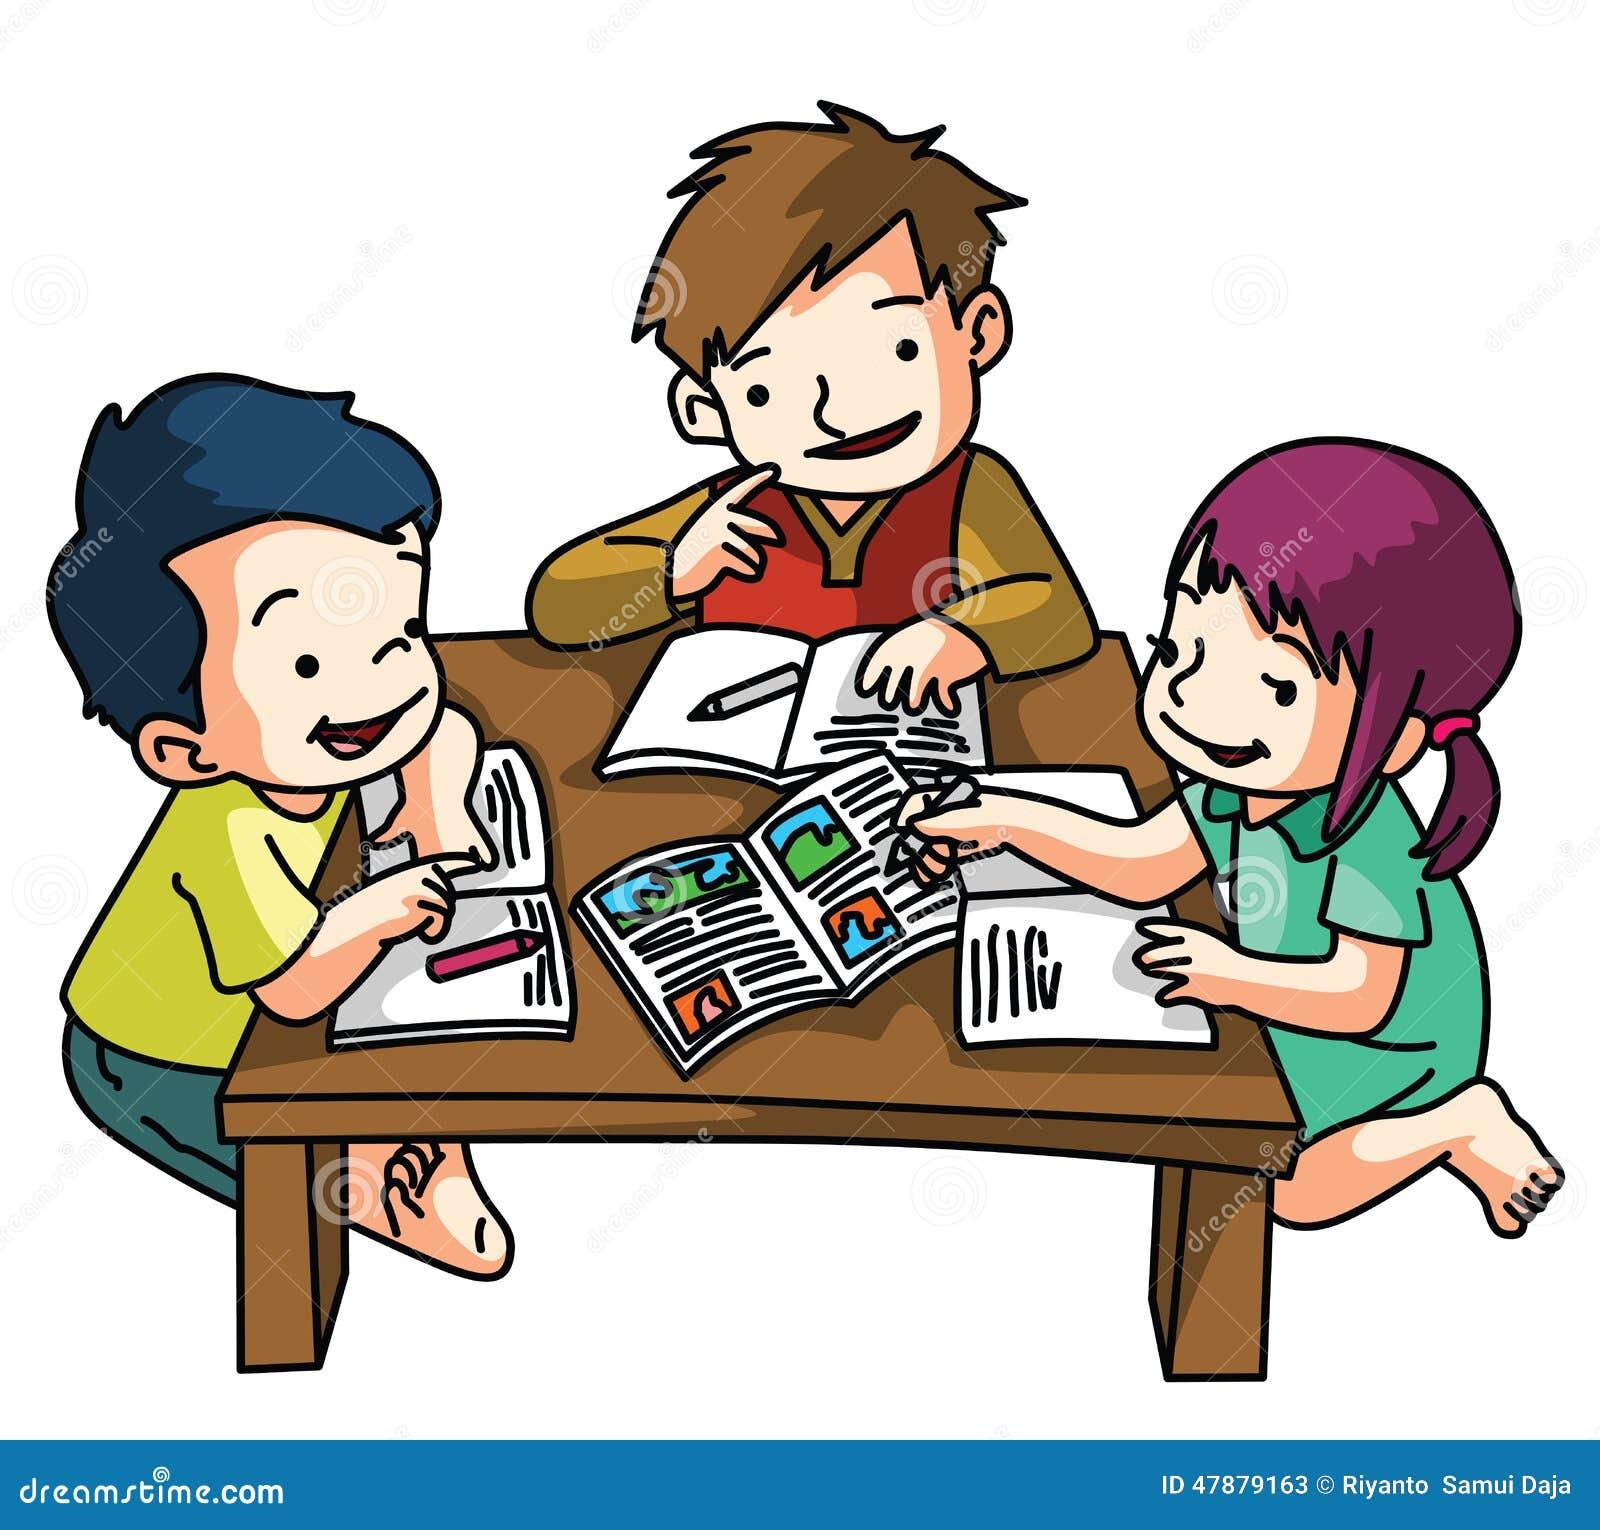 Bambini che studiano insieme illustrazione vettoriale - Immagini di cicogne che portano bambini ...